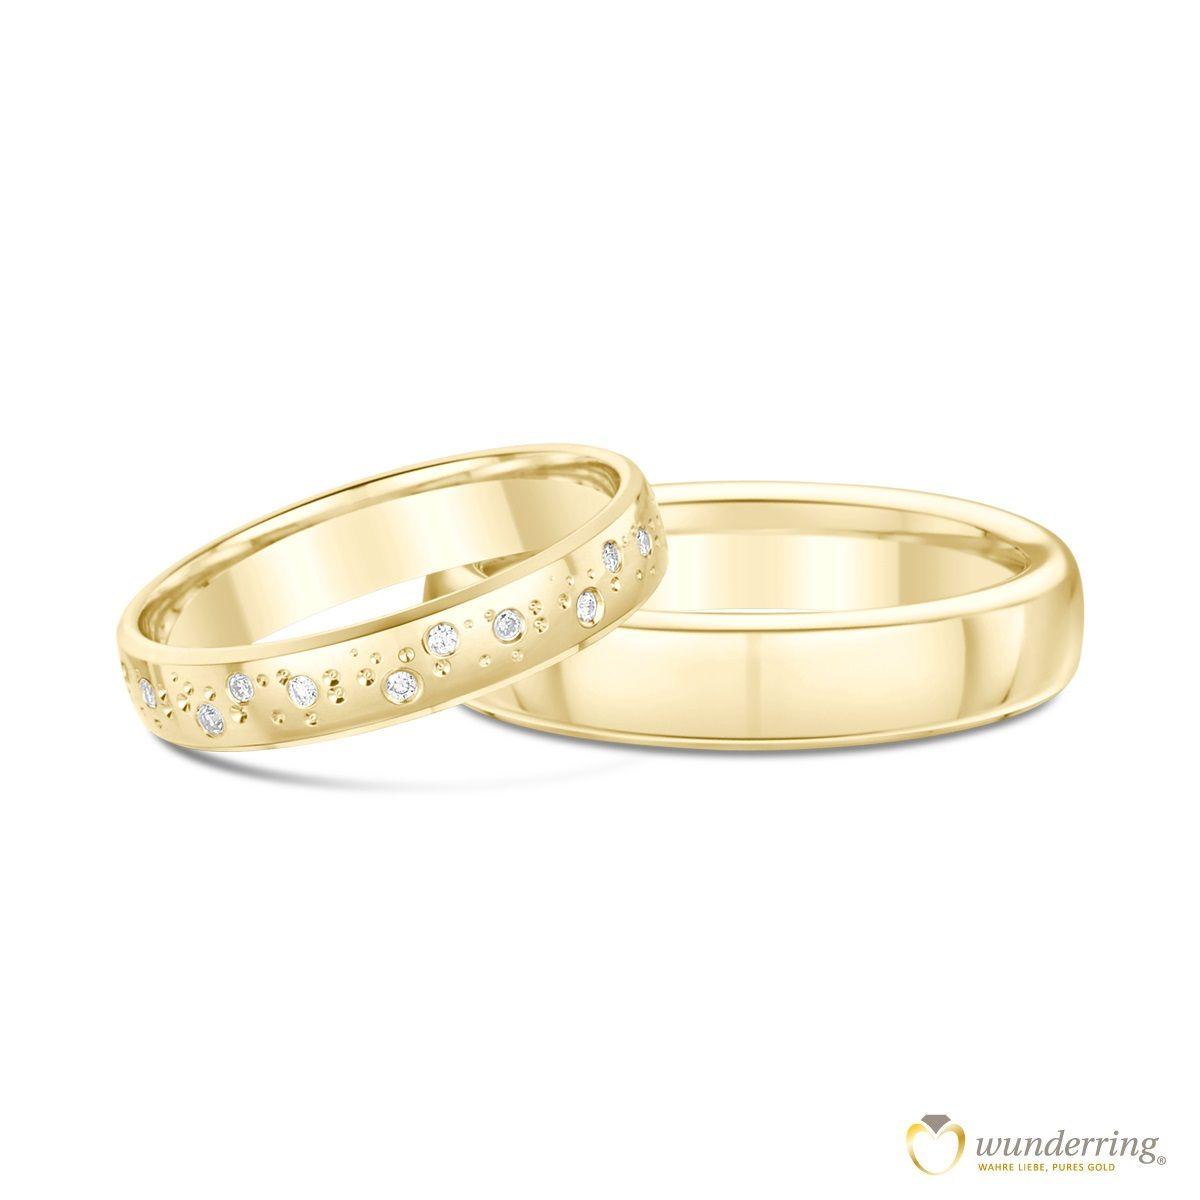 Eheringe Gold mit Diamanten Misool. Die Diamanten verlaufen verspielt um den Ring. Jetzt als Muster testen! #Trauringe #Schmuck #Ringe #Gold #Hochzeit